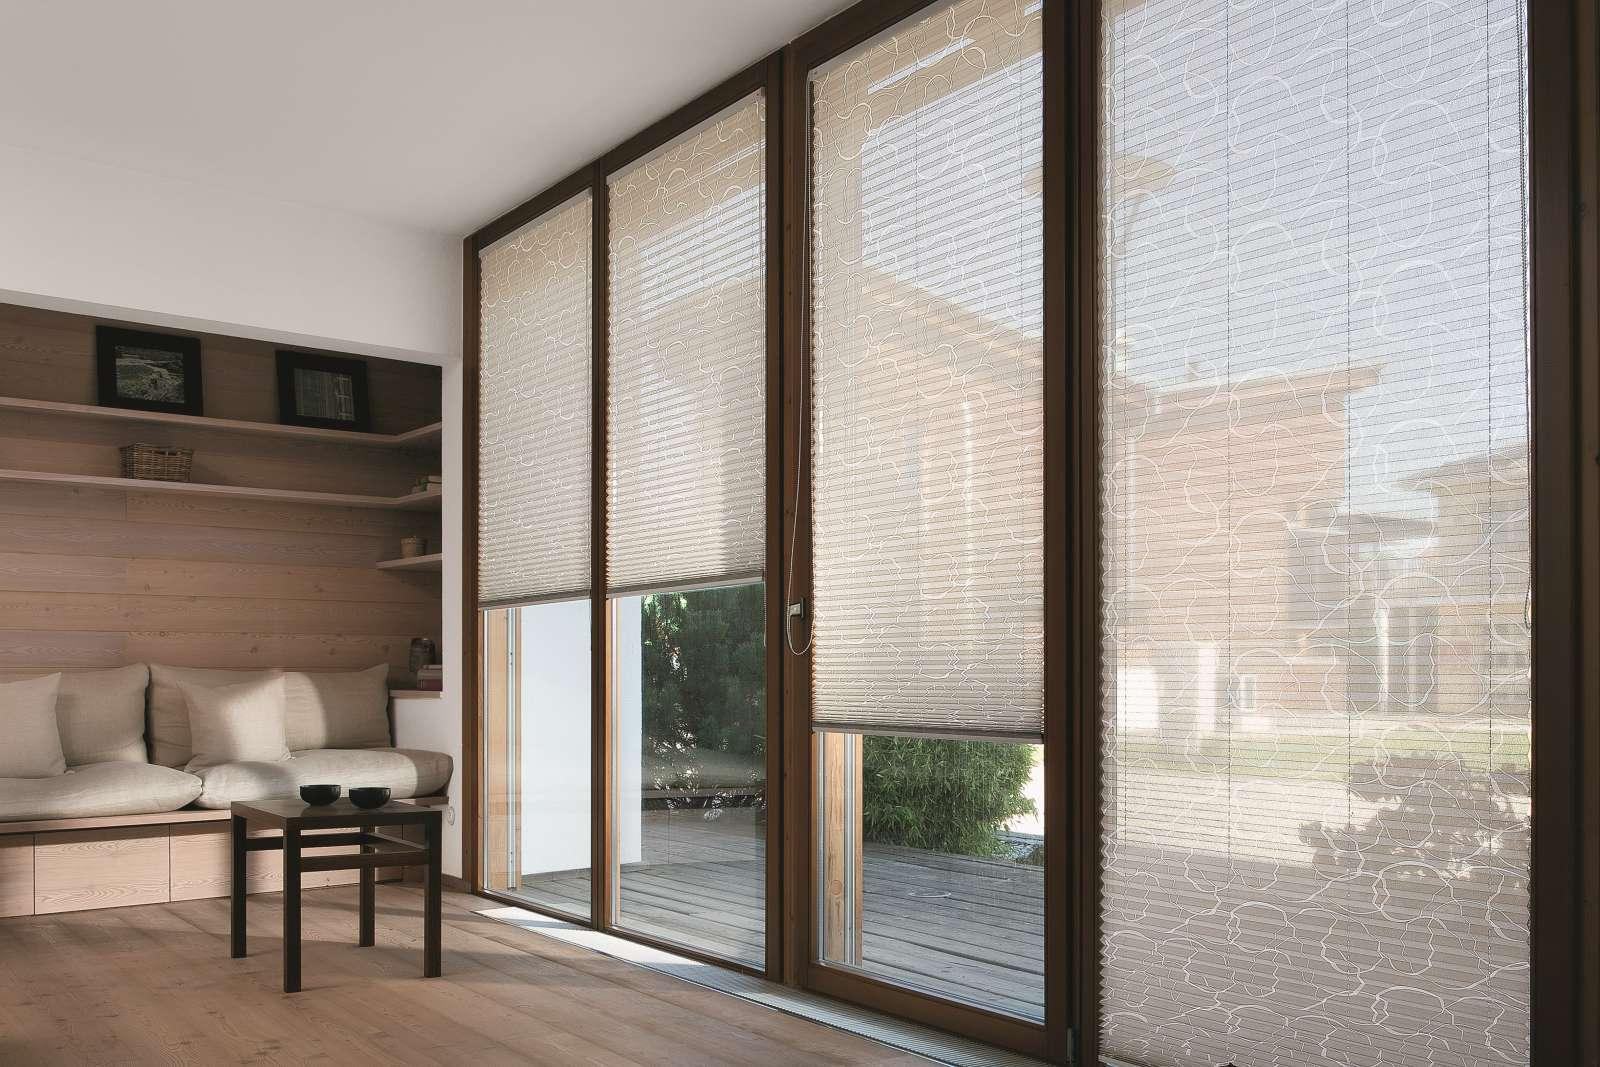 sonnenschutz karlsruhe blum raumausstatter. Black Bedroom Furniture Sets. Home Design Ideas